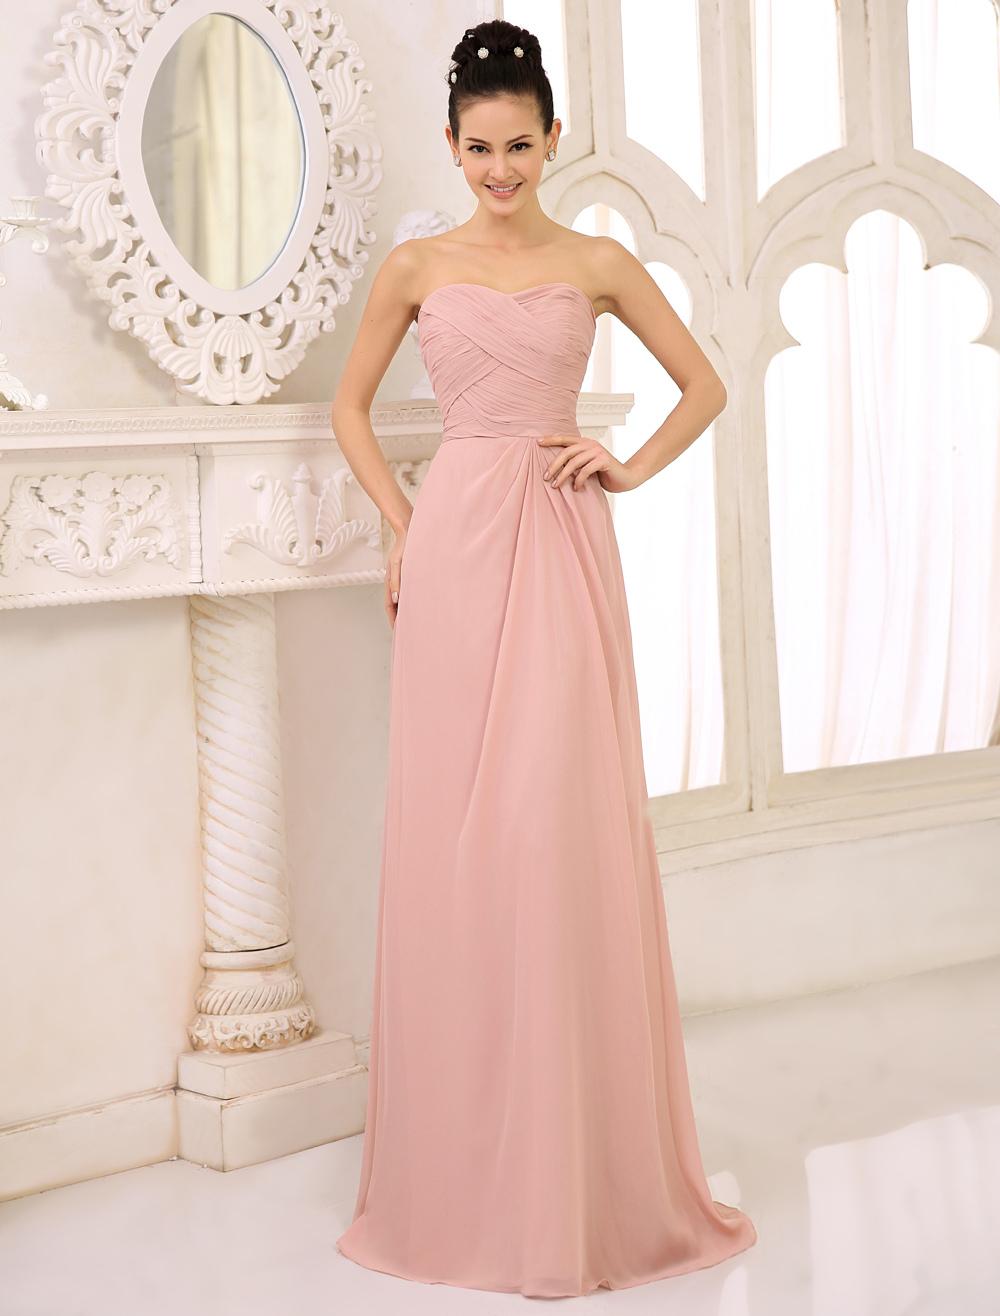 Bonito El Modelo De Costura Vestido De La Dama De Honor Componente ...